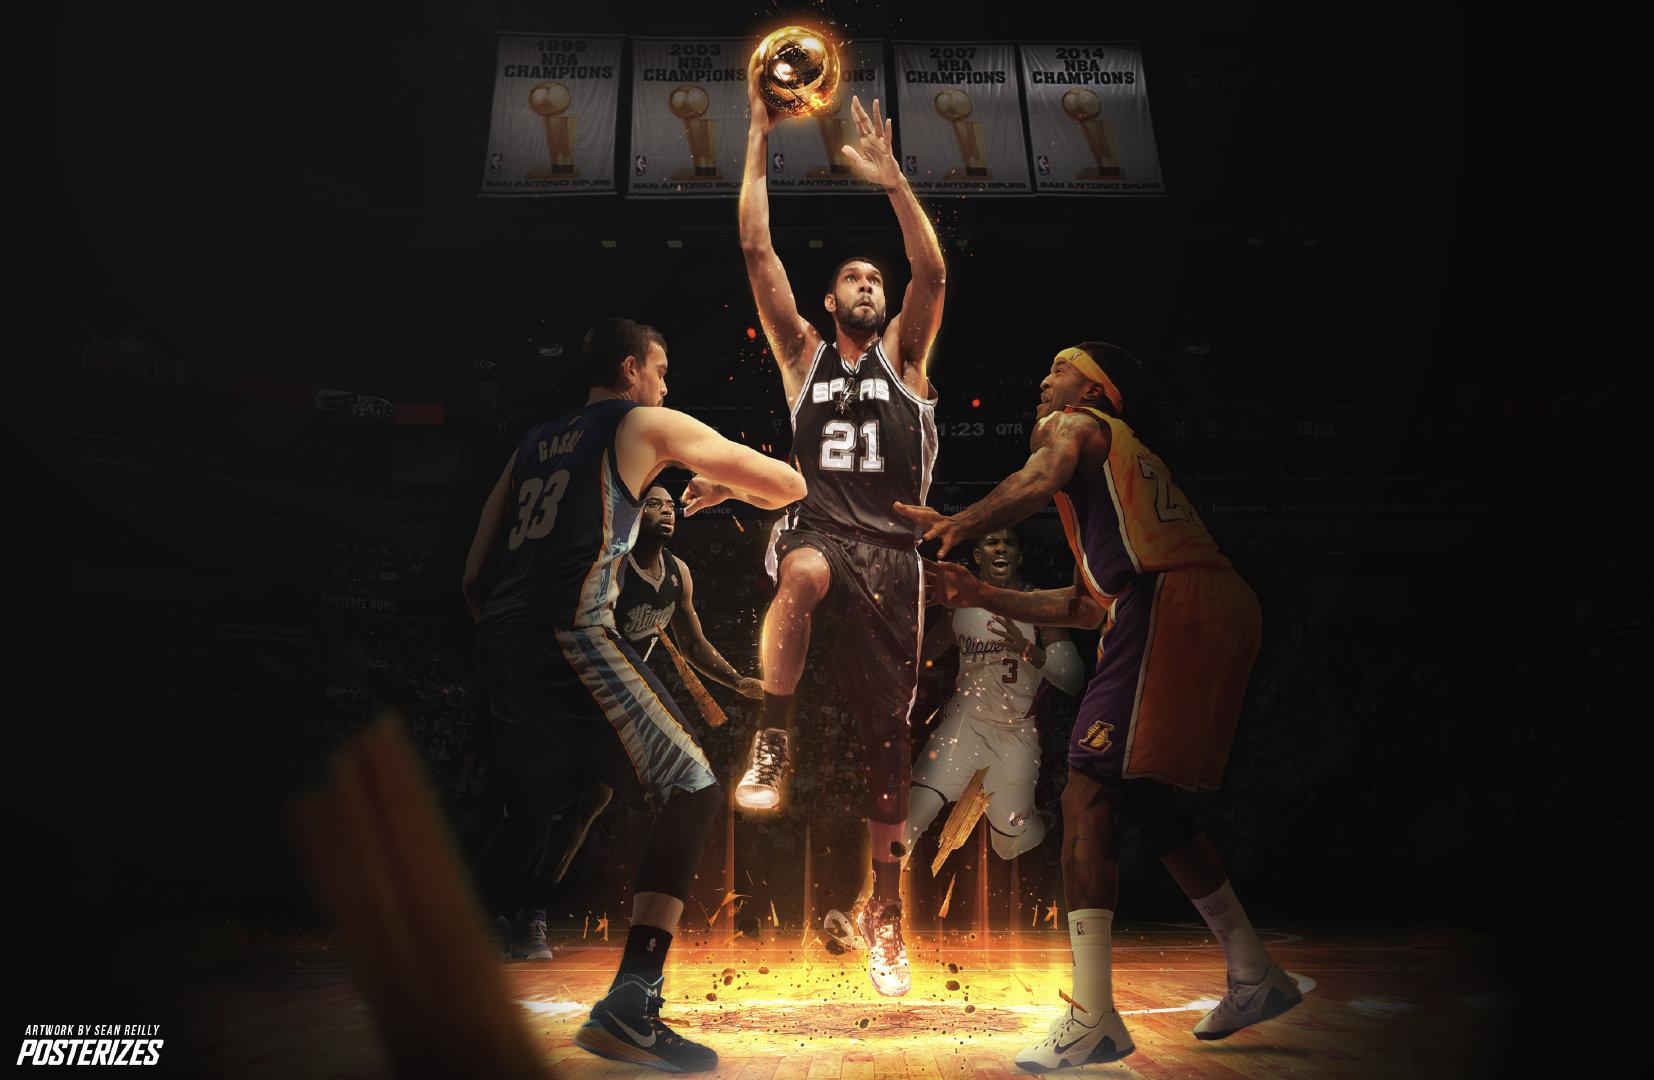 接球后的进攻方式,内、外线都能练的篮球脚步动作!